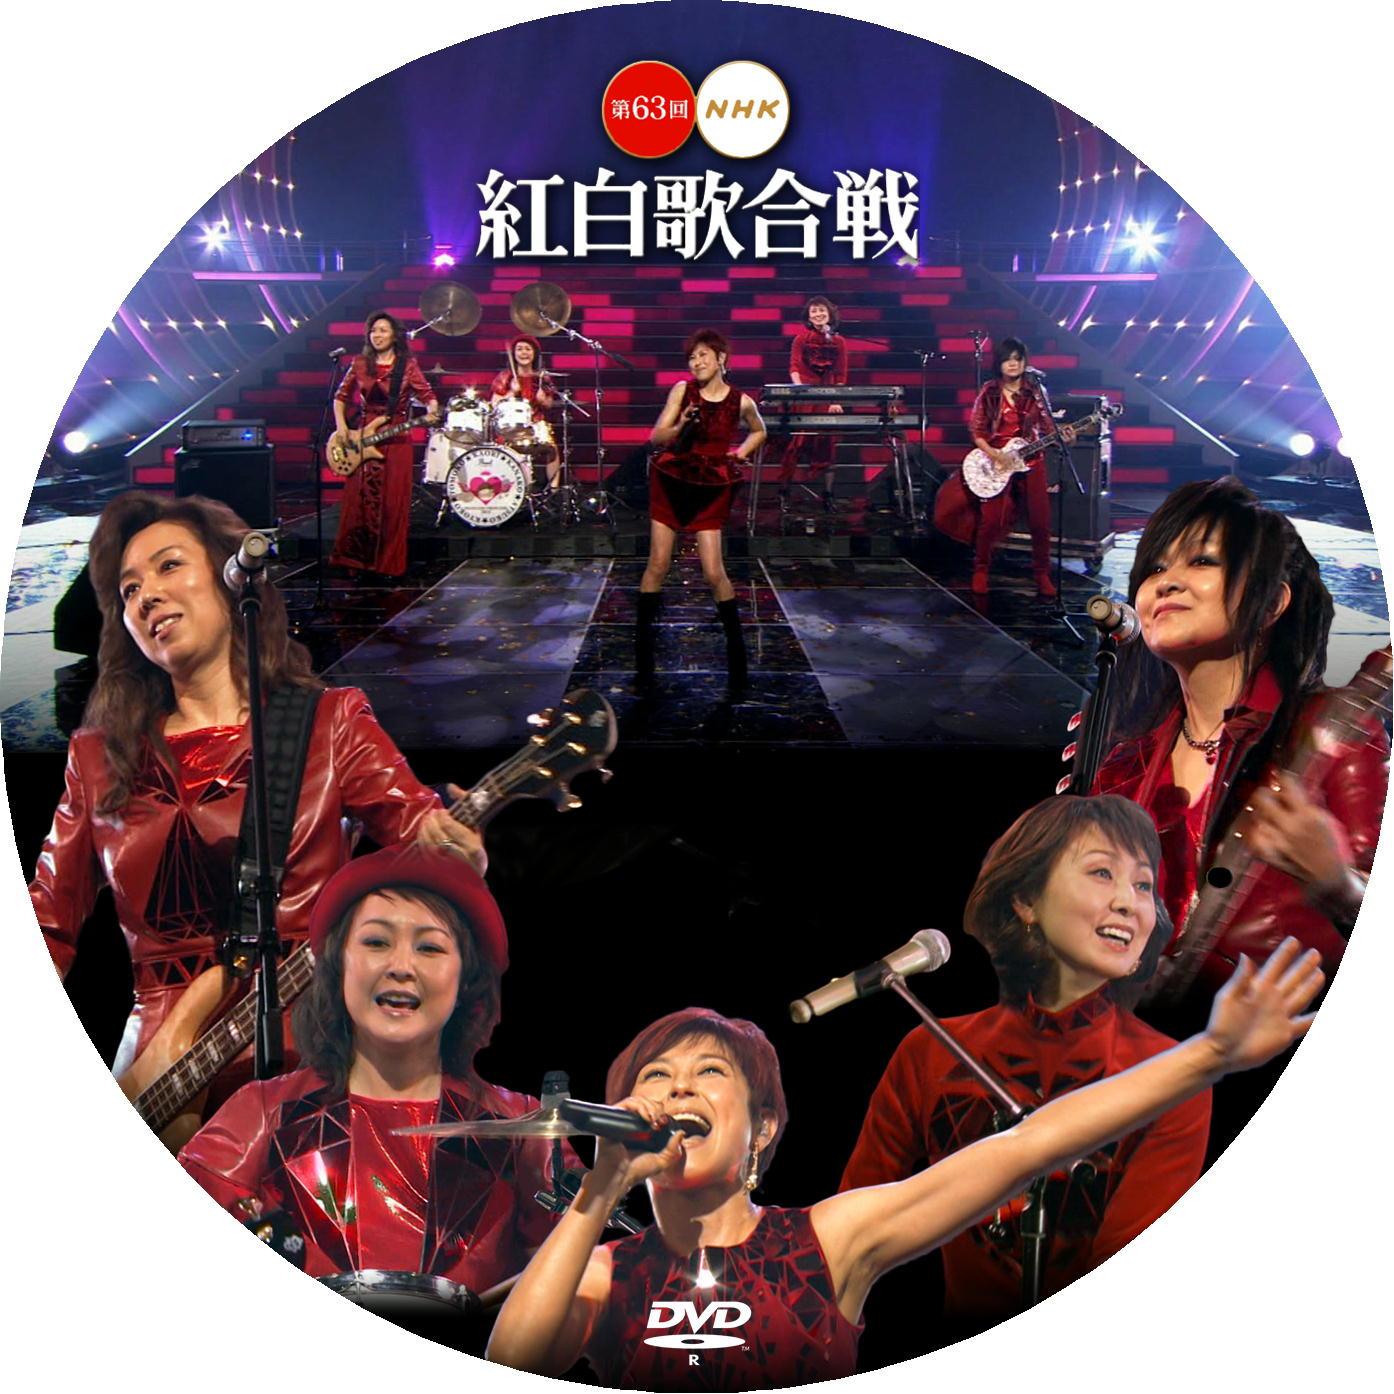 紅白歌合戦 2012 プリンセス プリンセス DVD